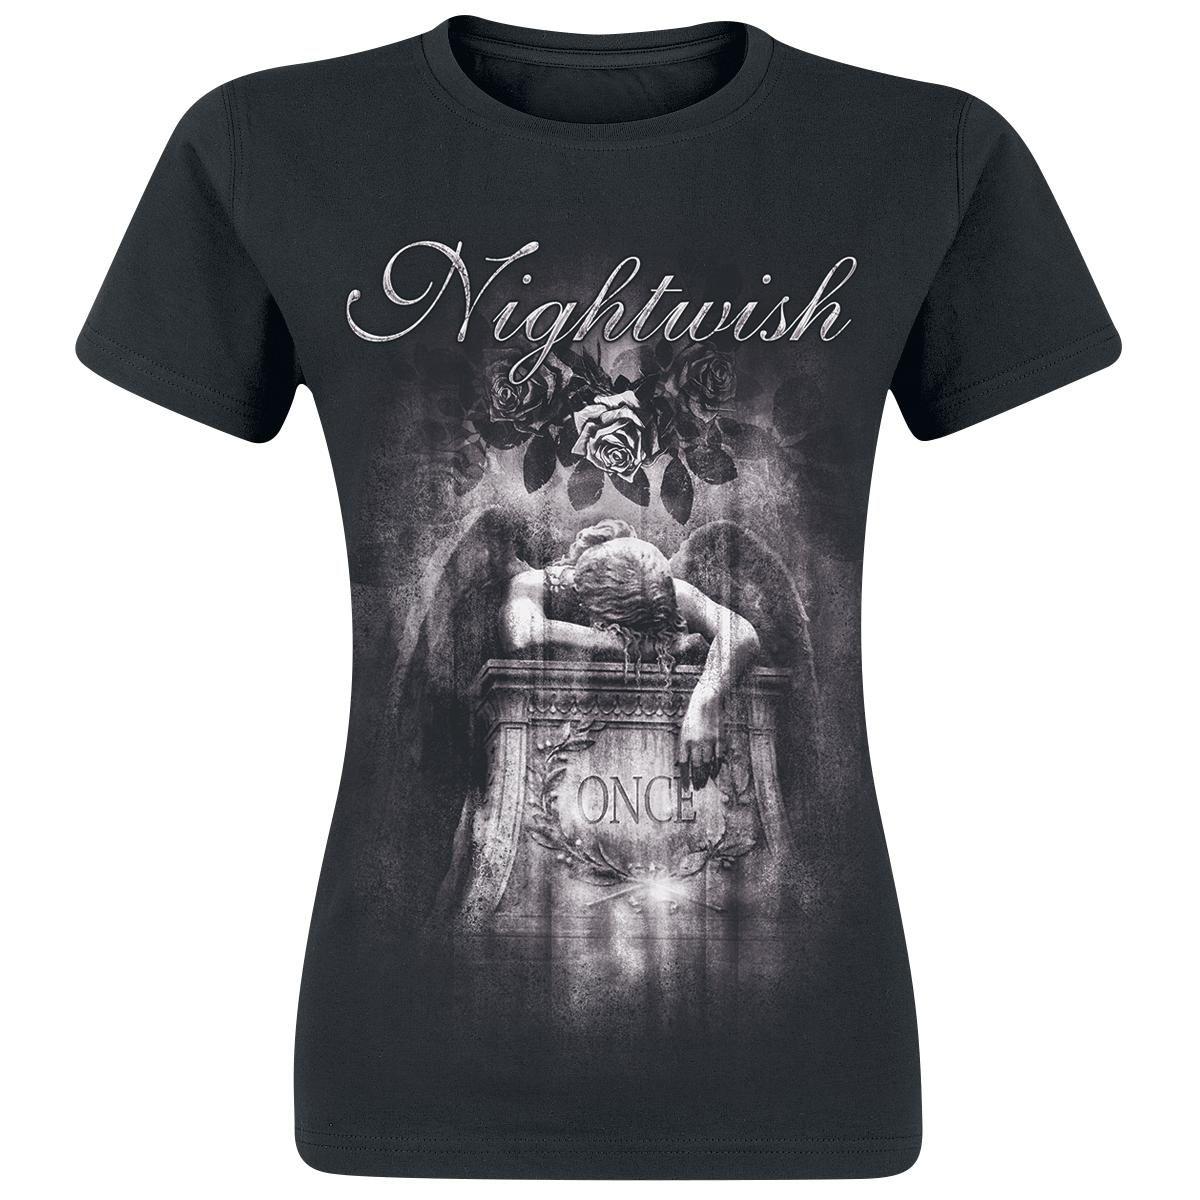 Nightwish Once - 10th Anniversary. Teetimme Once-albumin vuosijuhlan kunniaksi pari uutta paitamallia tämän 10 vuoden takaisen klassikkoalbumin hengessä!